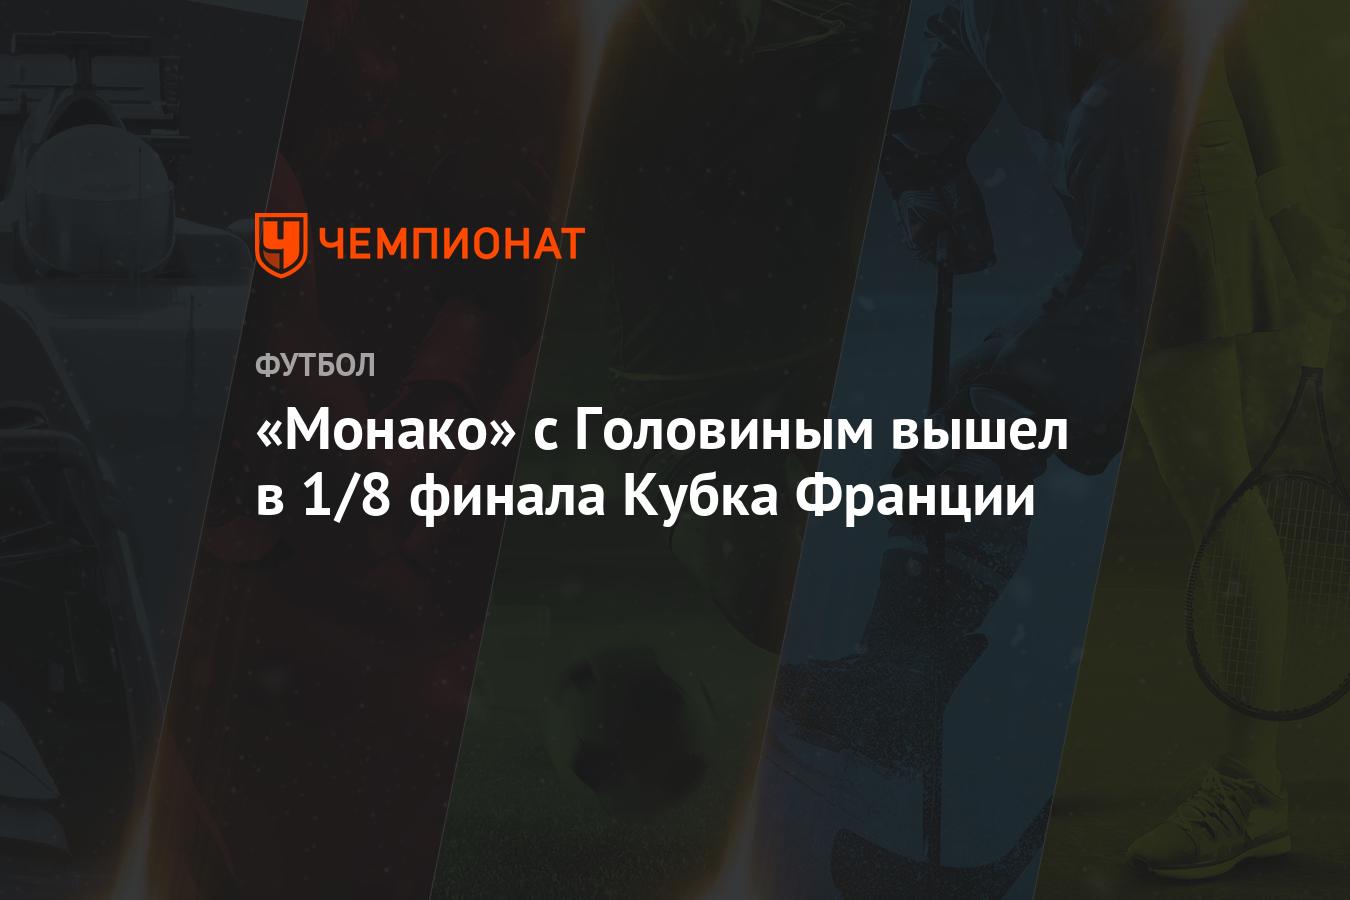 «Монако» с Головиным вышел в 1/8 финала Кубка Франции